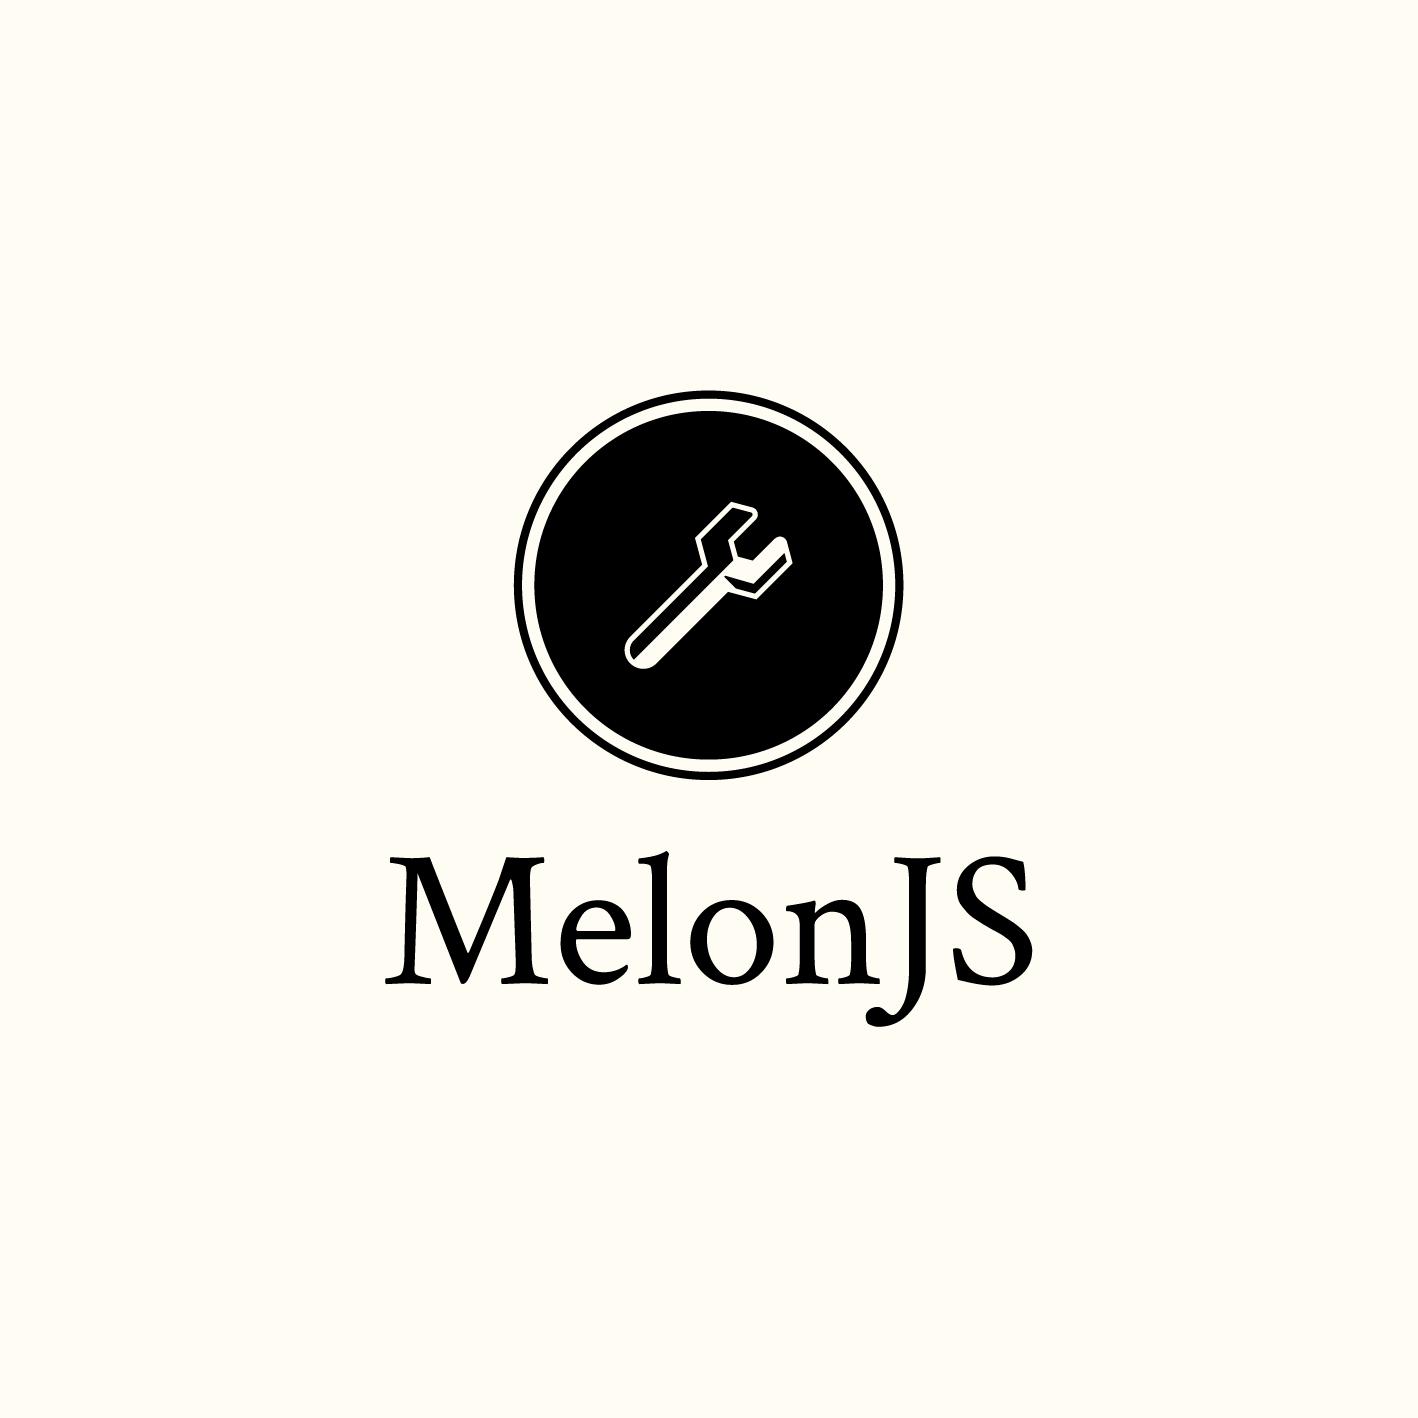 Melon.js Logo